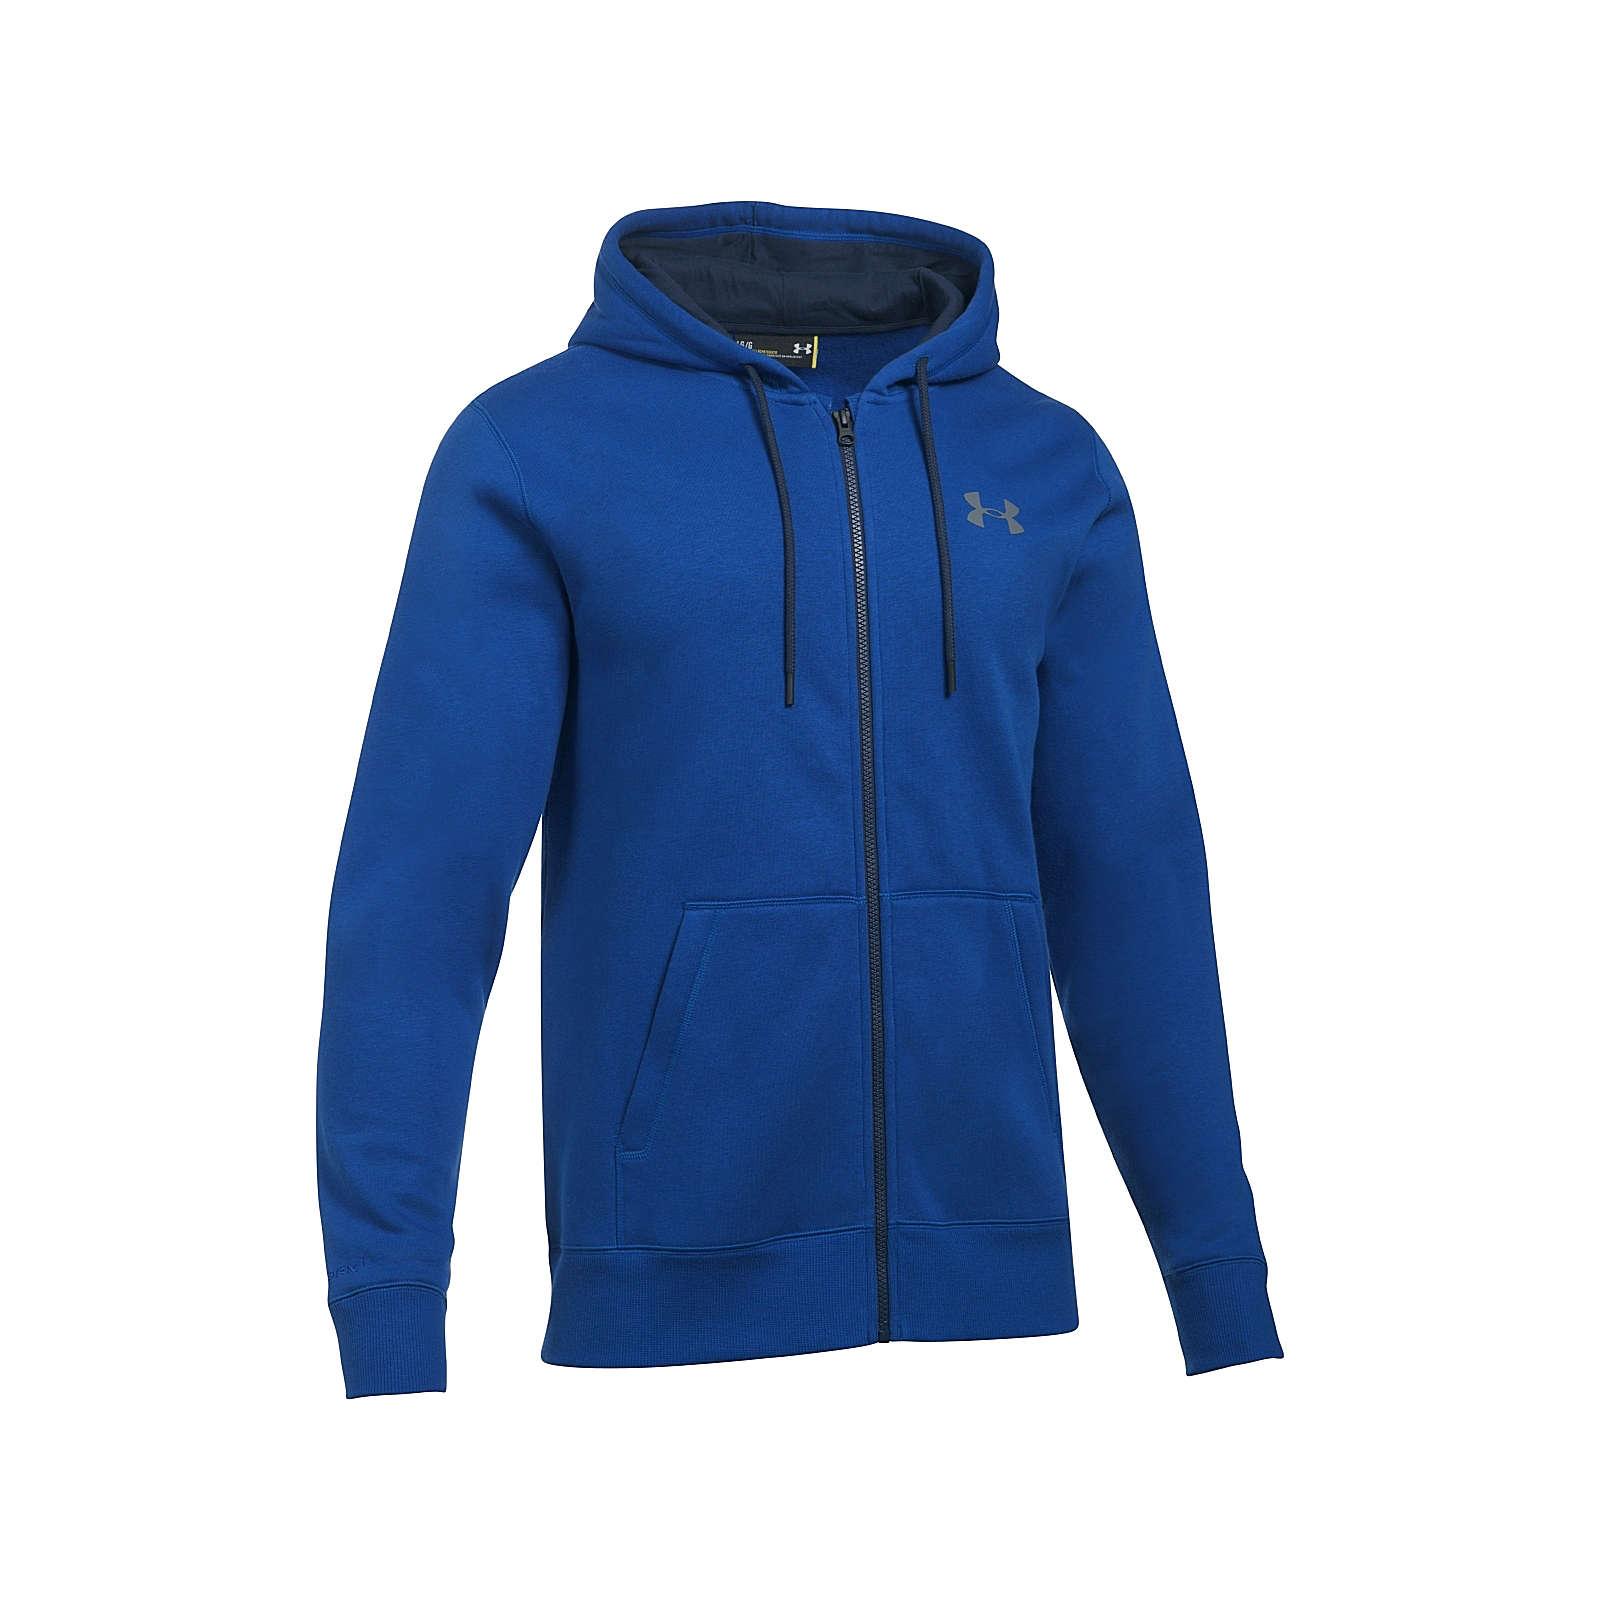 Under Armour Hoodie Storm Rival Cotton Full ZipSweatshirts blau Herren Gr. 46